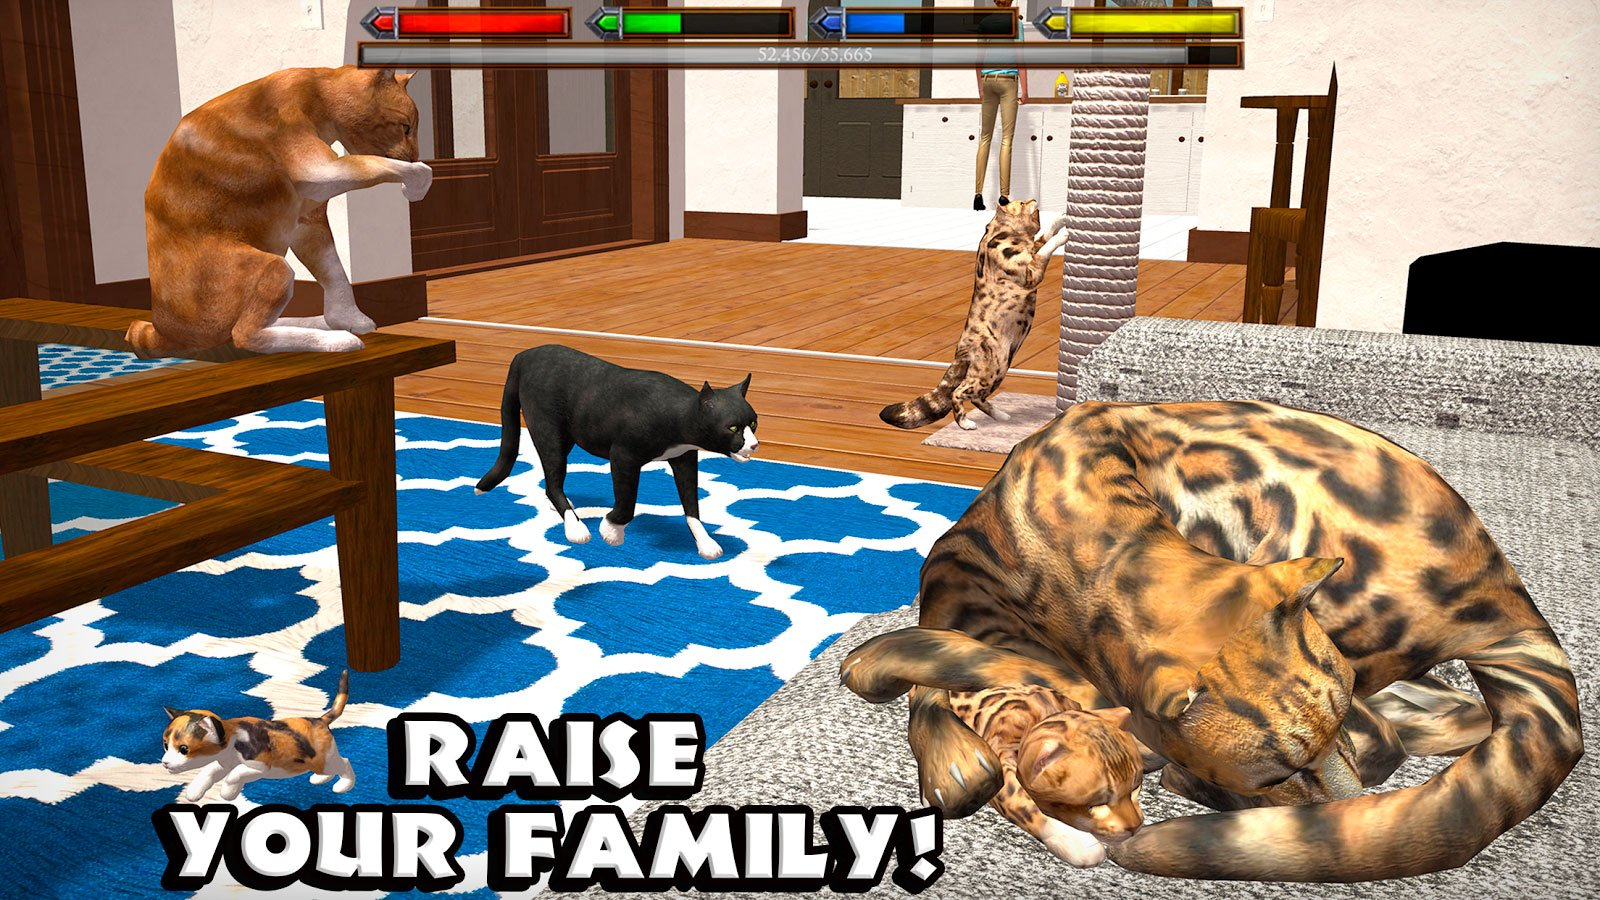 картинки кошек игру символ опасности